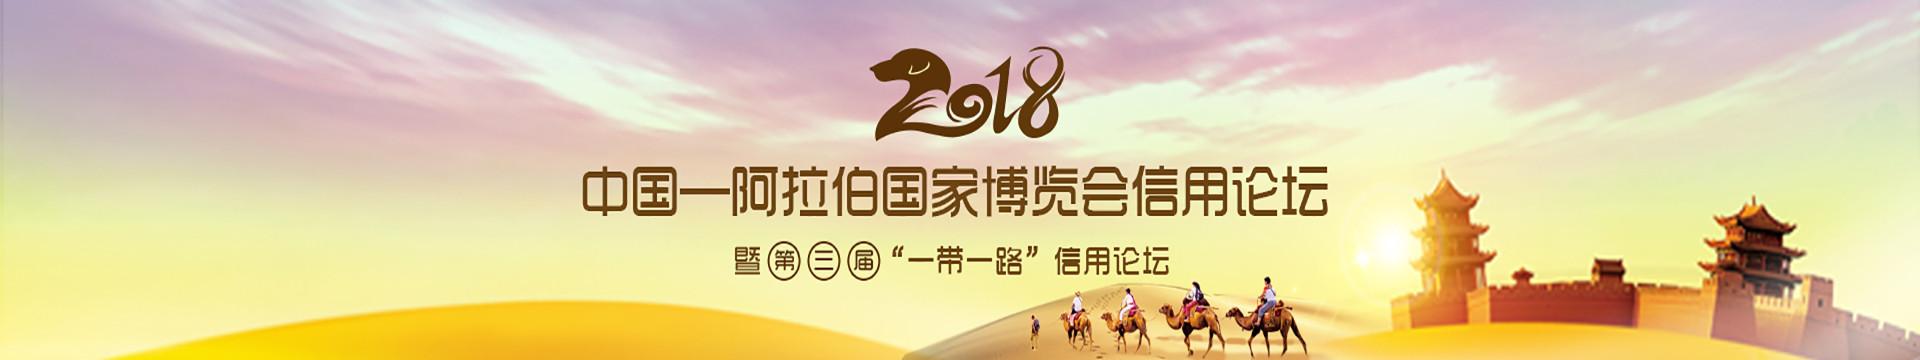 """2018中国-阿拉伯国家博览会信用论坛暨第三届""""一带一路""""信用论坛"""